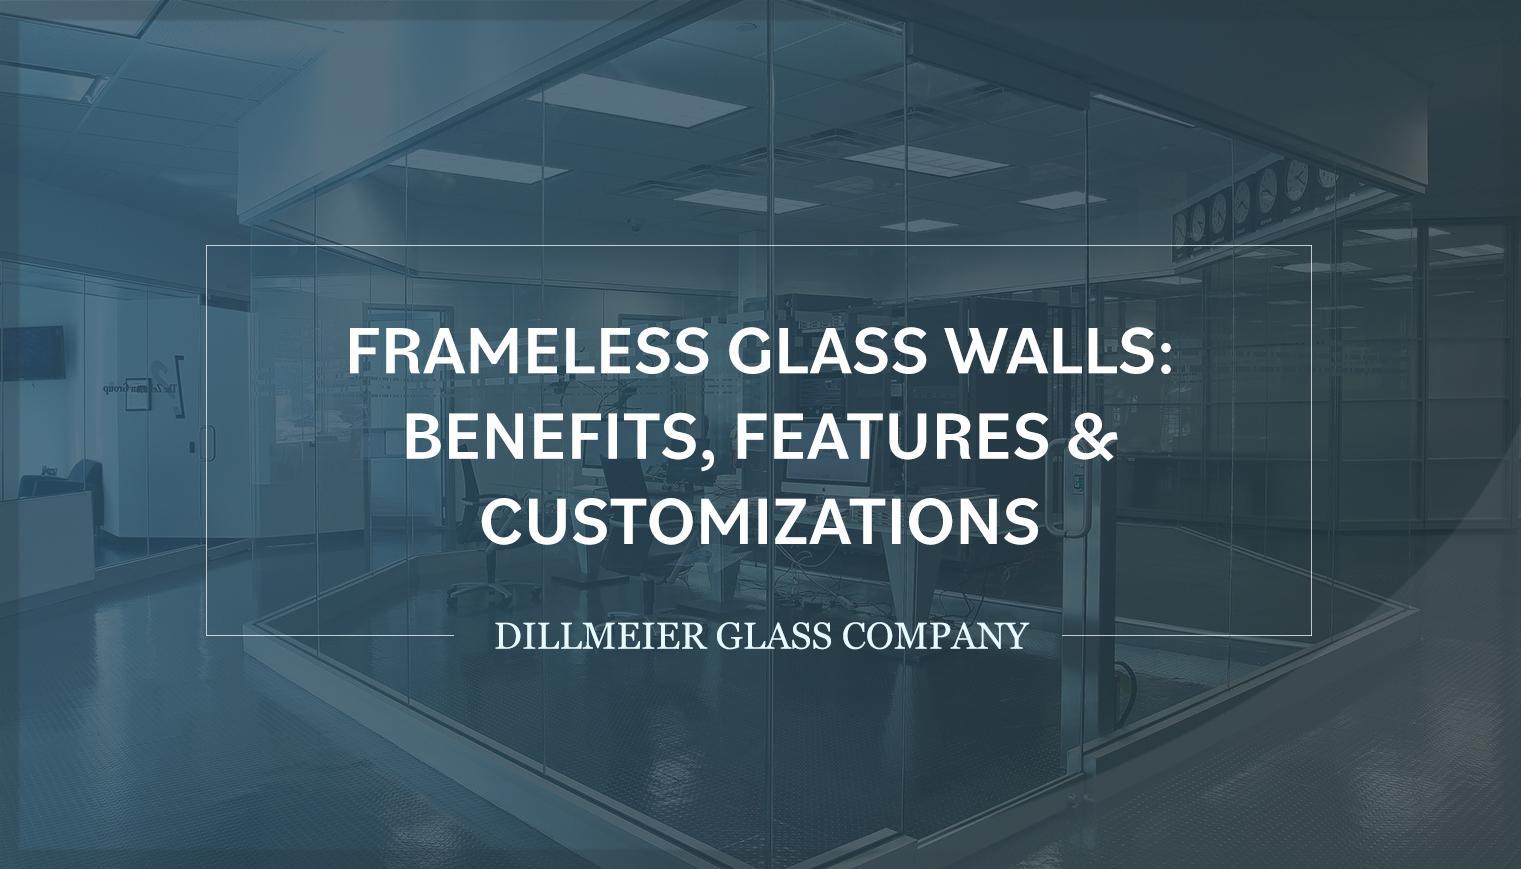 Frameless Glass Walls: Benefits, Features & Customizations